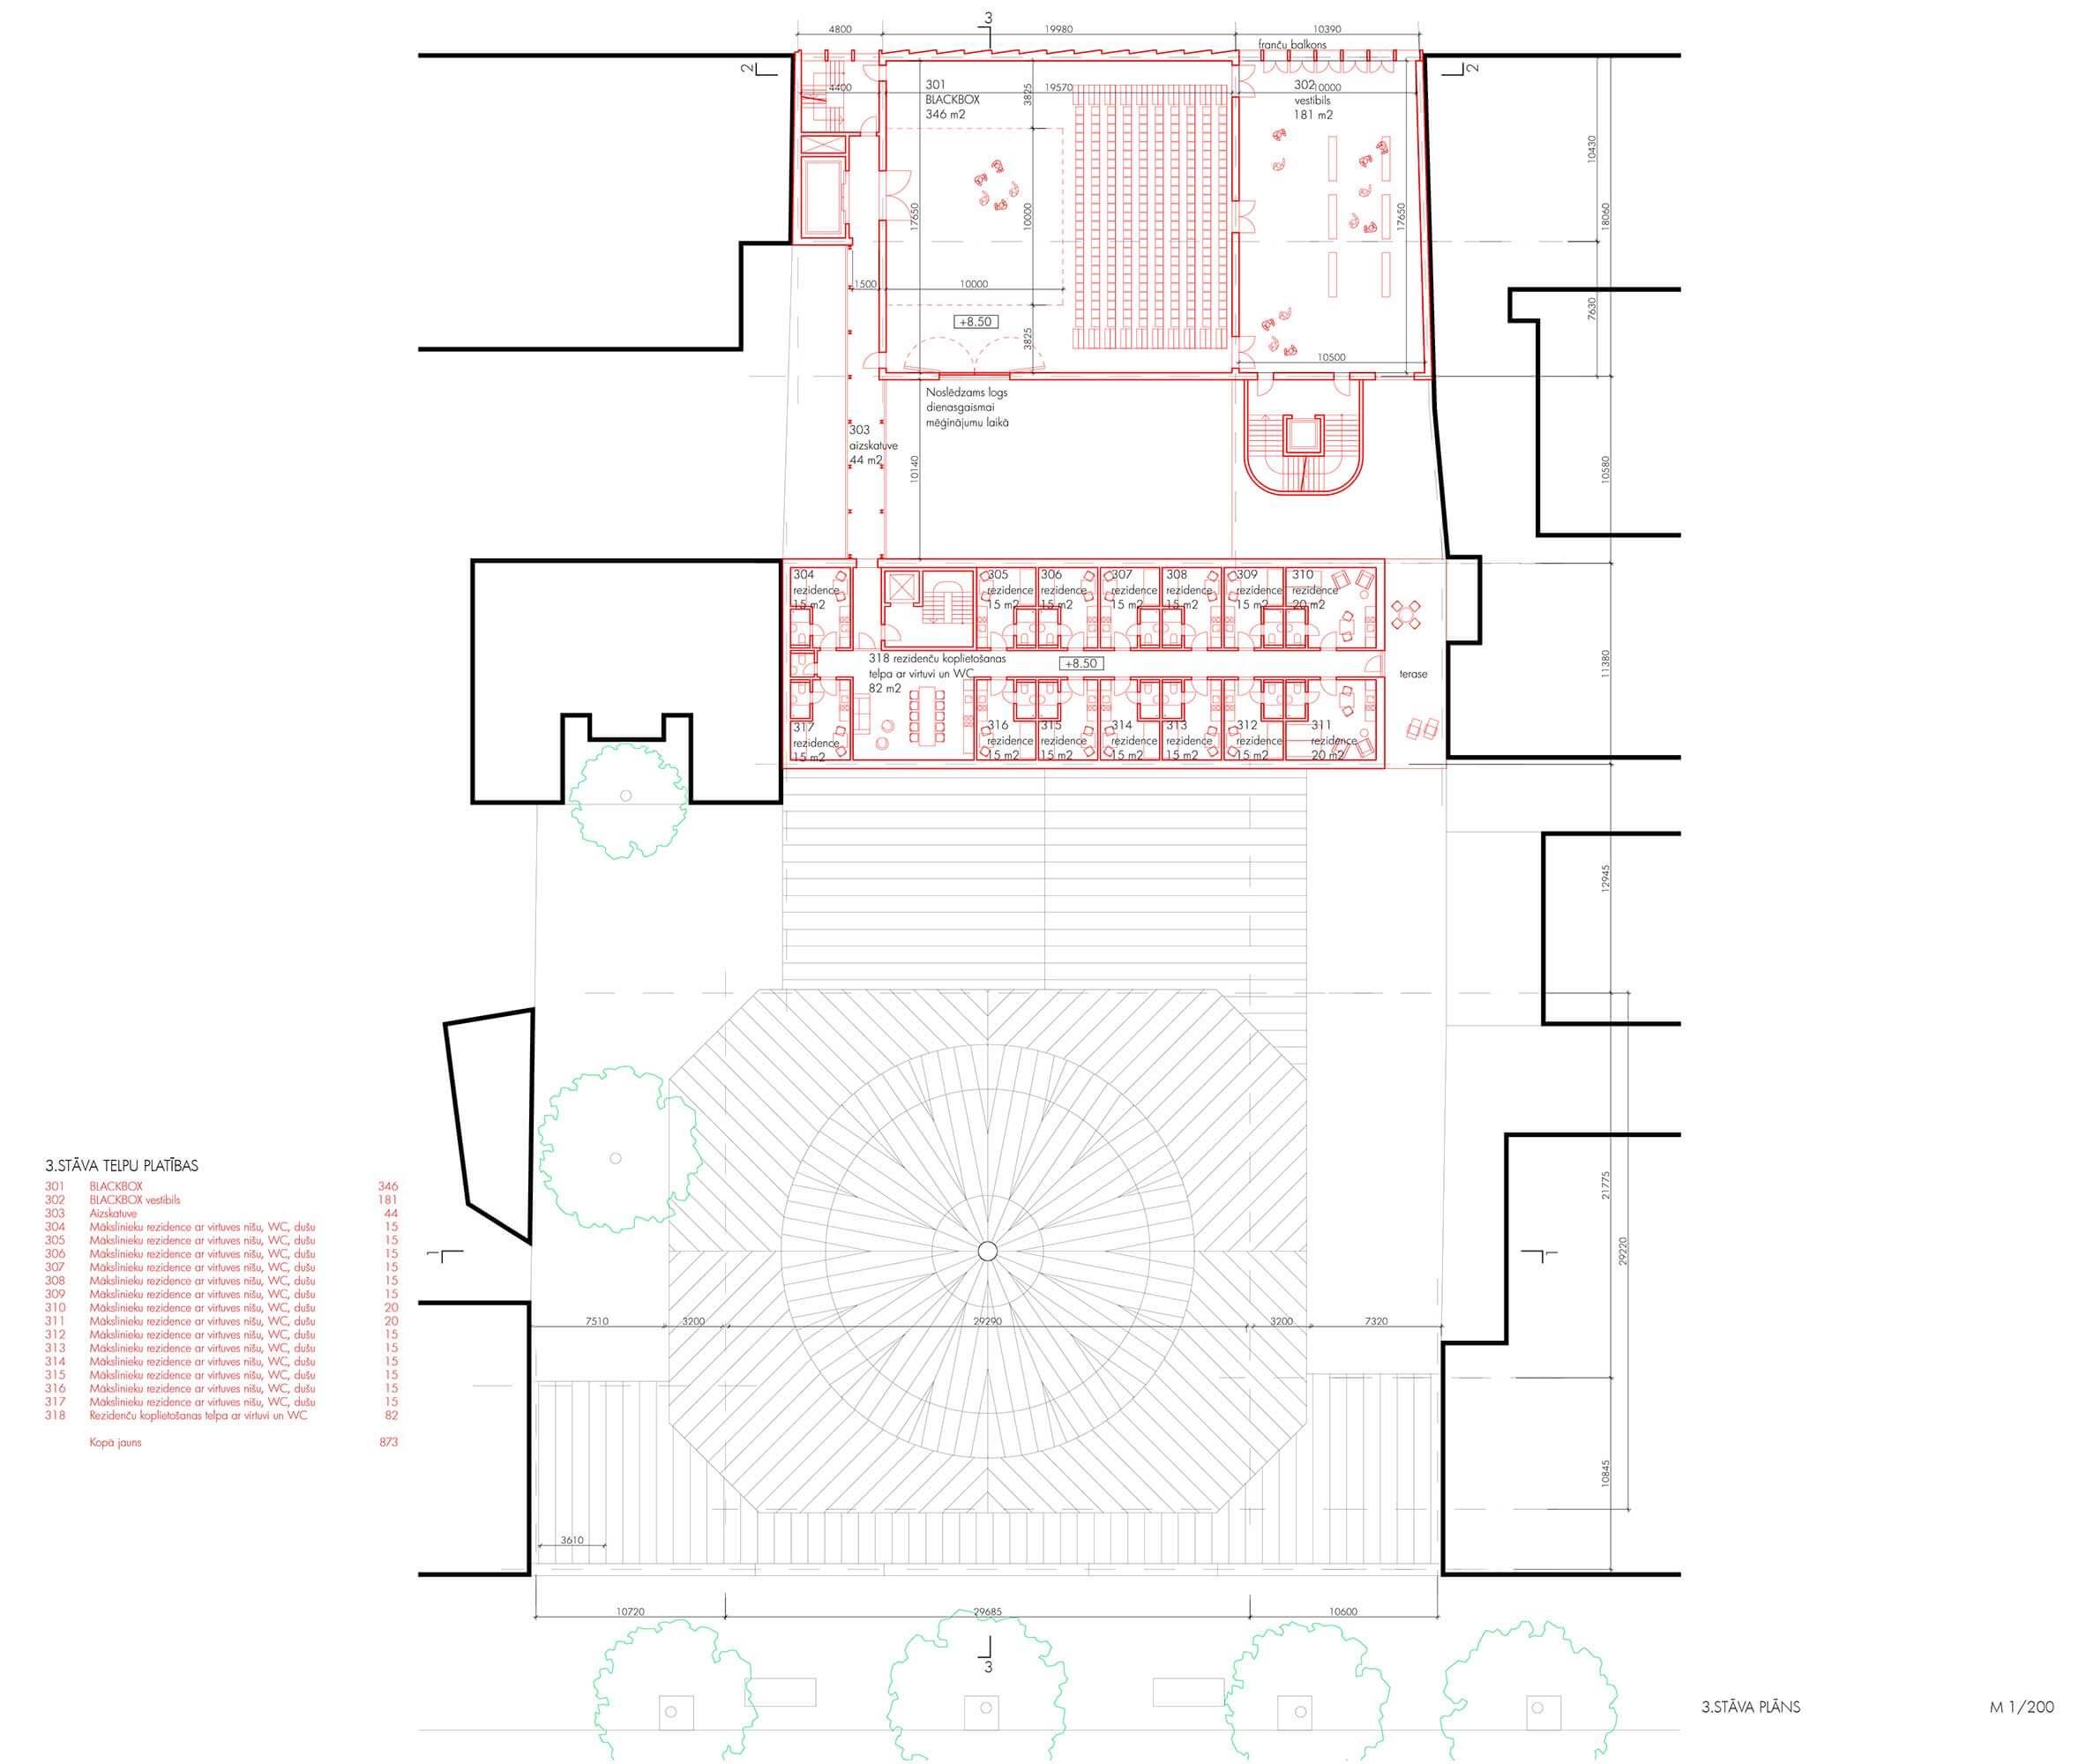 gaiss-arhitekti-made-rigas-cirks- (9)